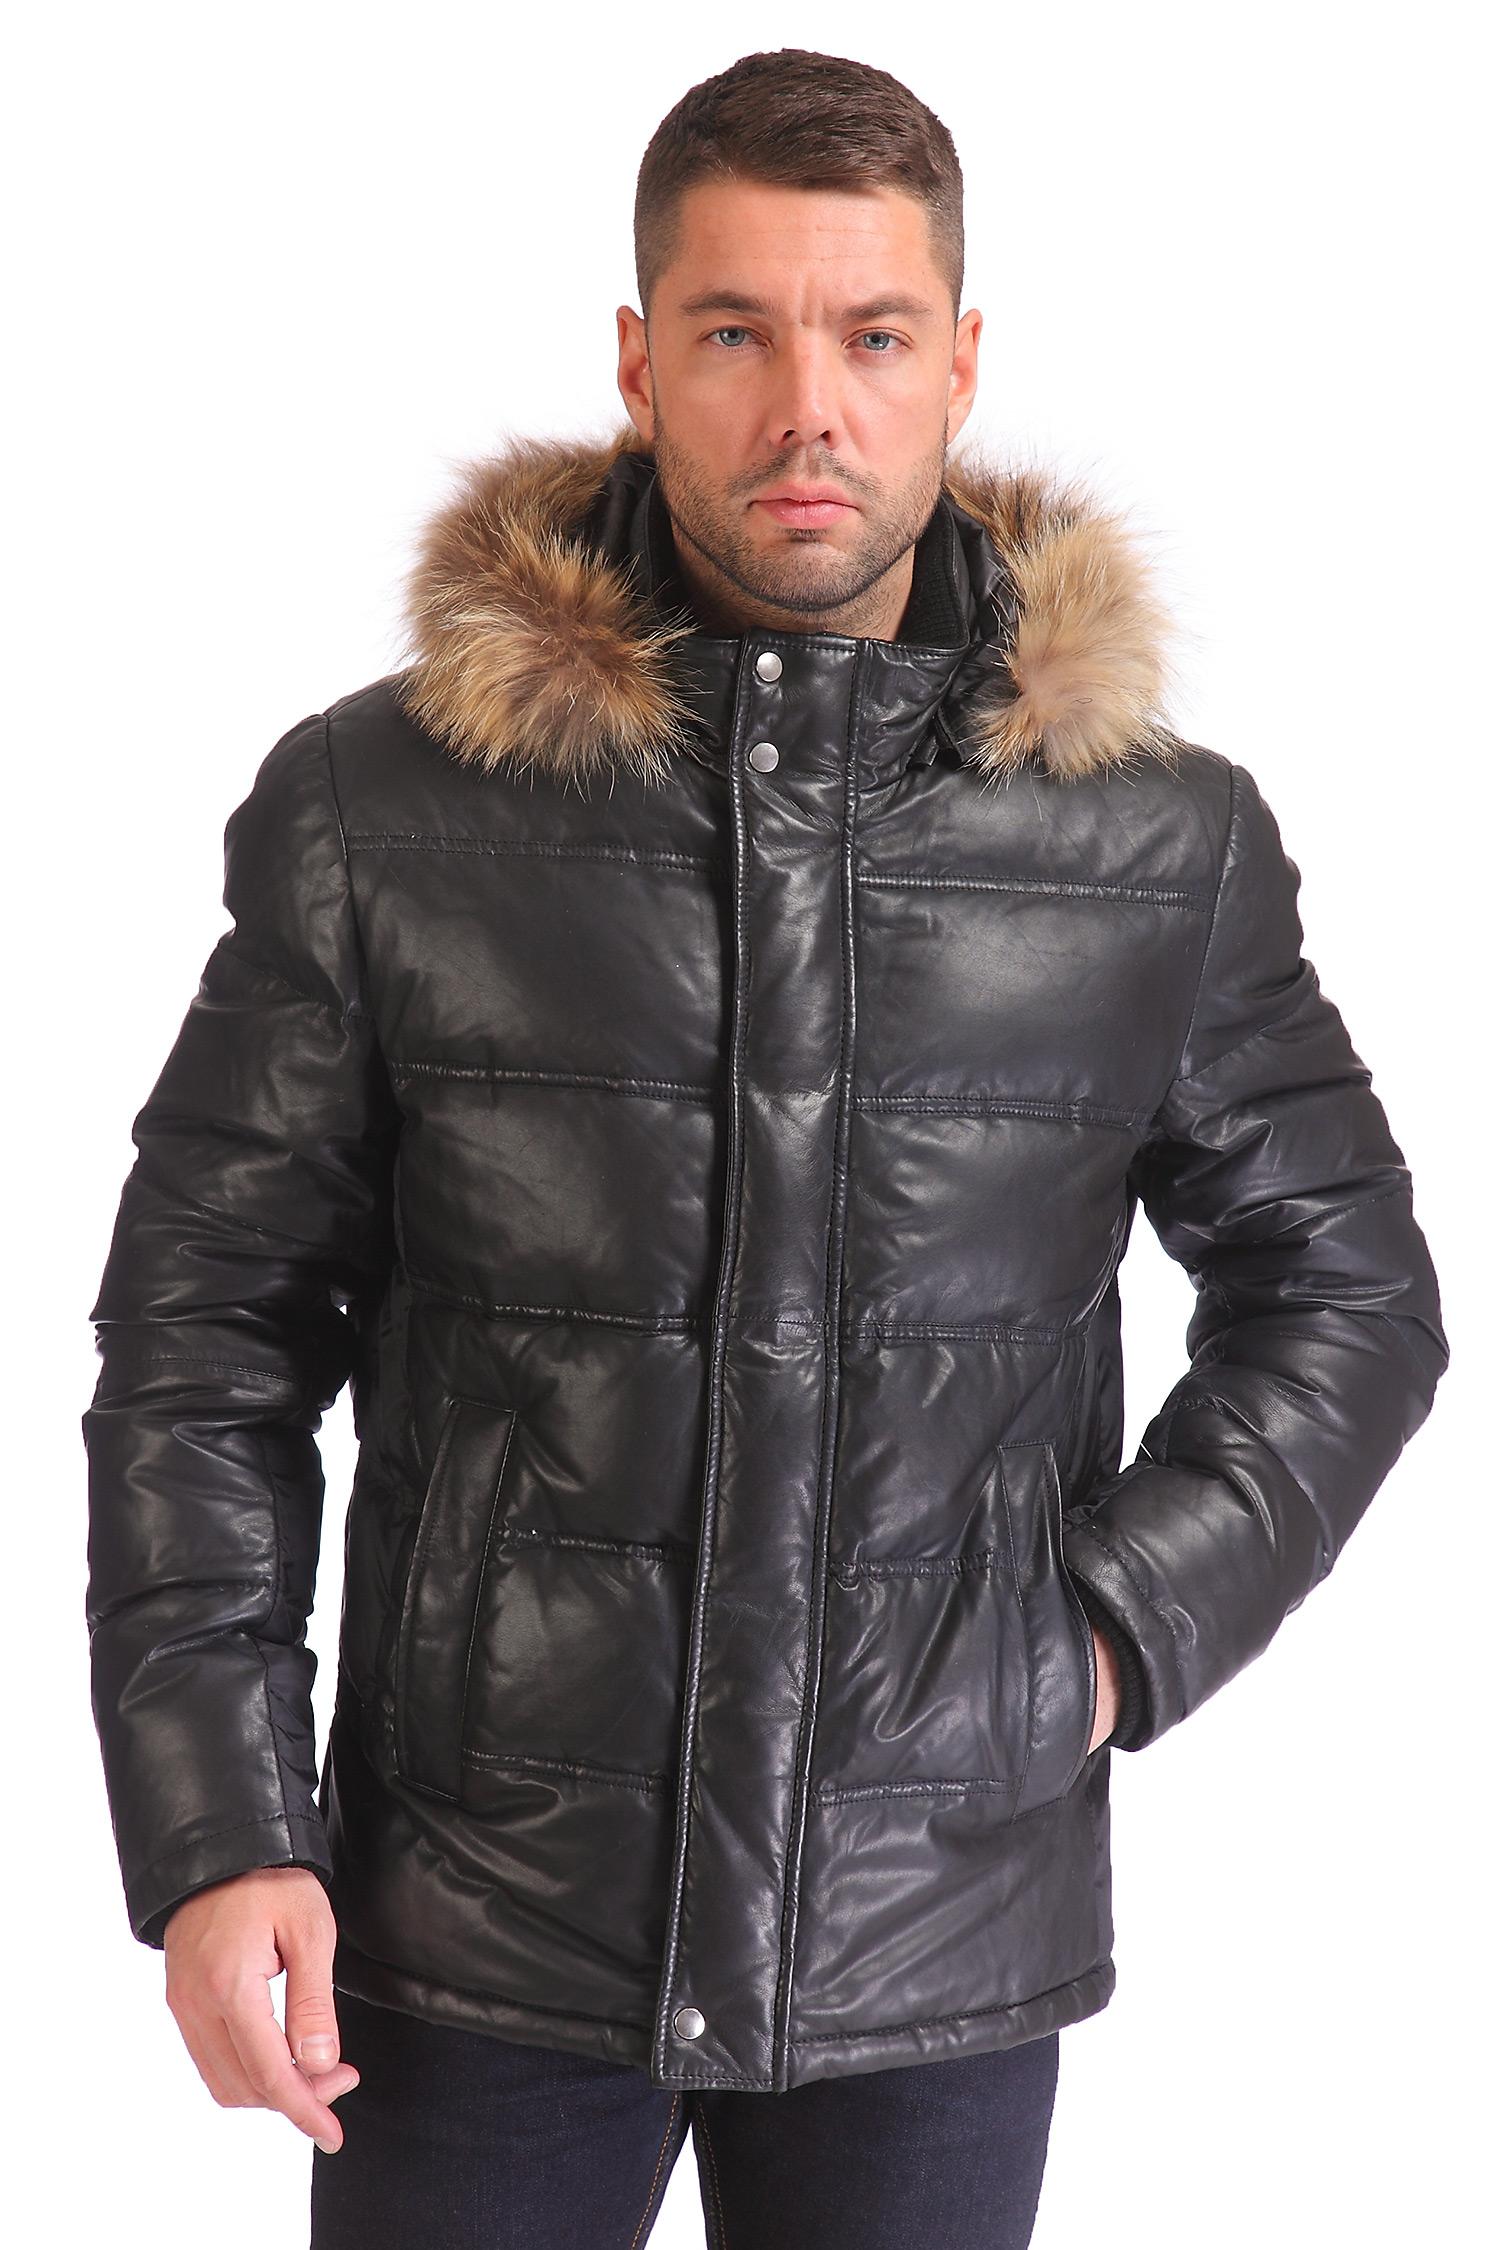 Пуховик мужской из натуральной кожи с капюшоном, отделка енот от Московская Меховая Компания